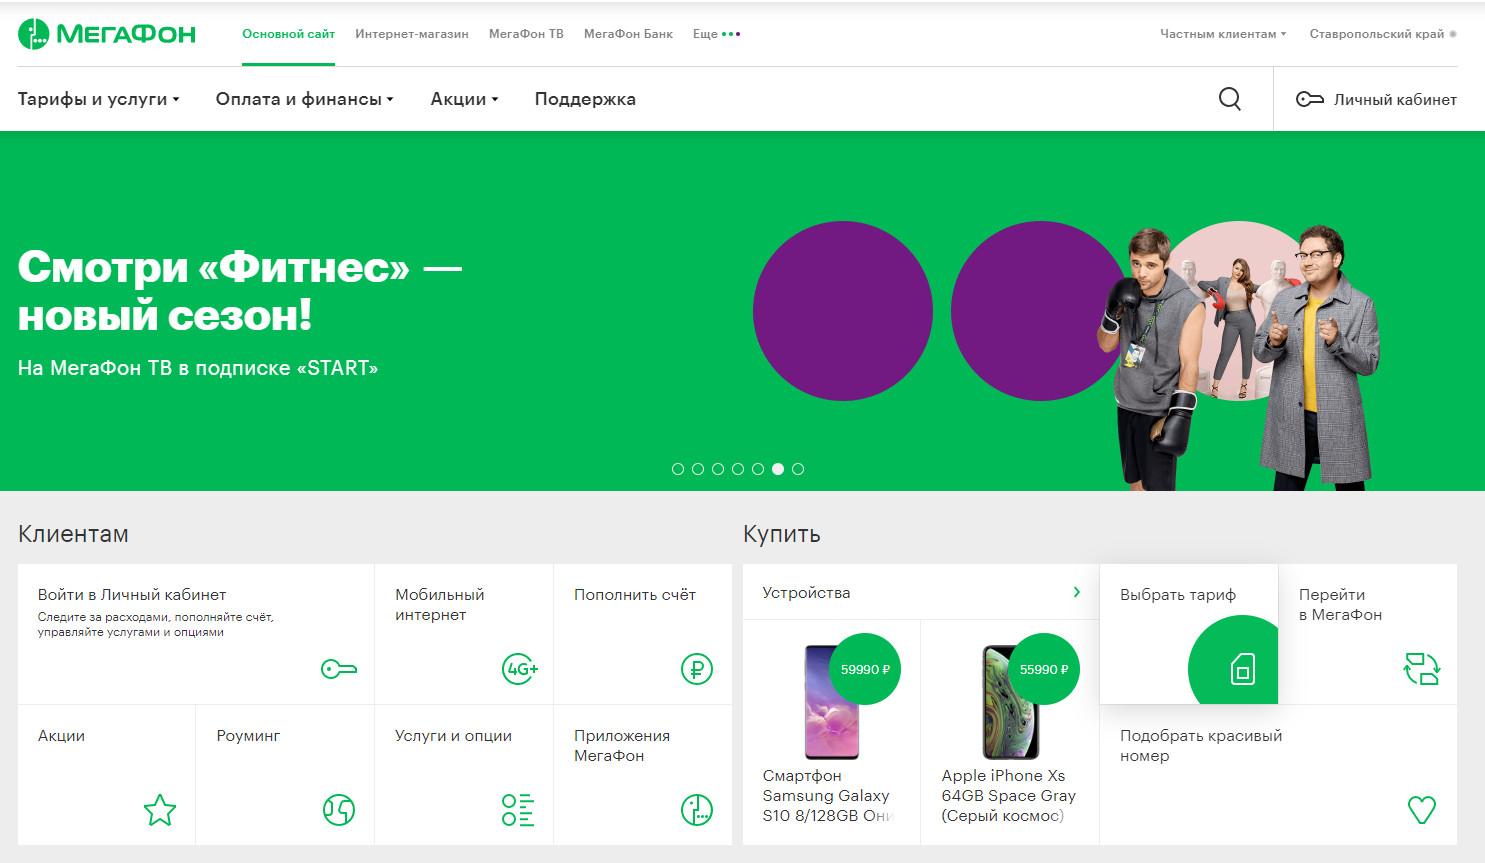 Сайт мегафона в Ставрополе